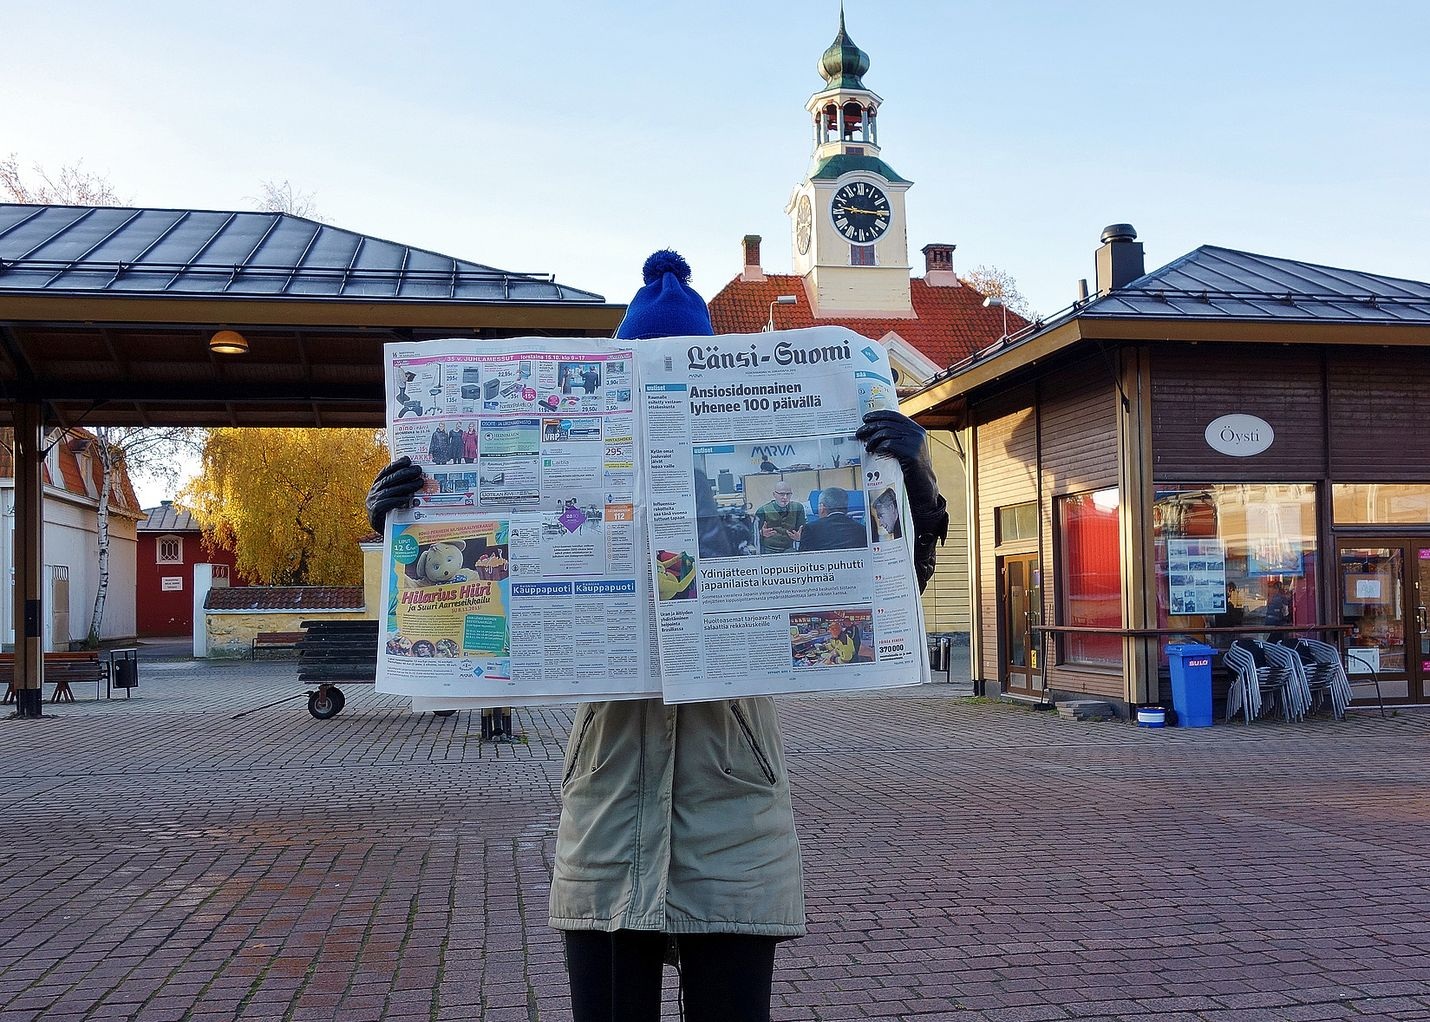 Paperinen sanomalehti pitää edelleen pintansa. Länsi-Suomi muuttuu kuvassa olevasta broadsheet-koosta tabloidiksi Rauma-päivänä 17. huhtikuuta.